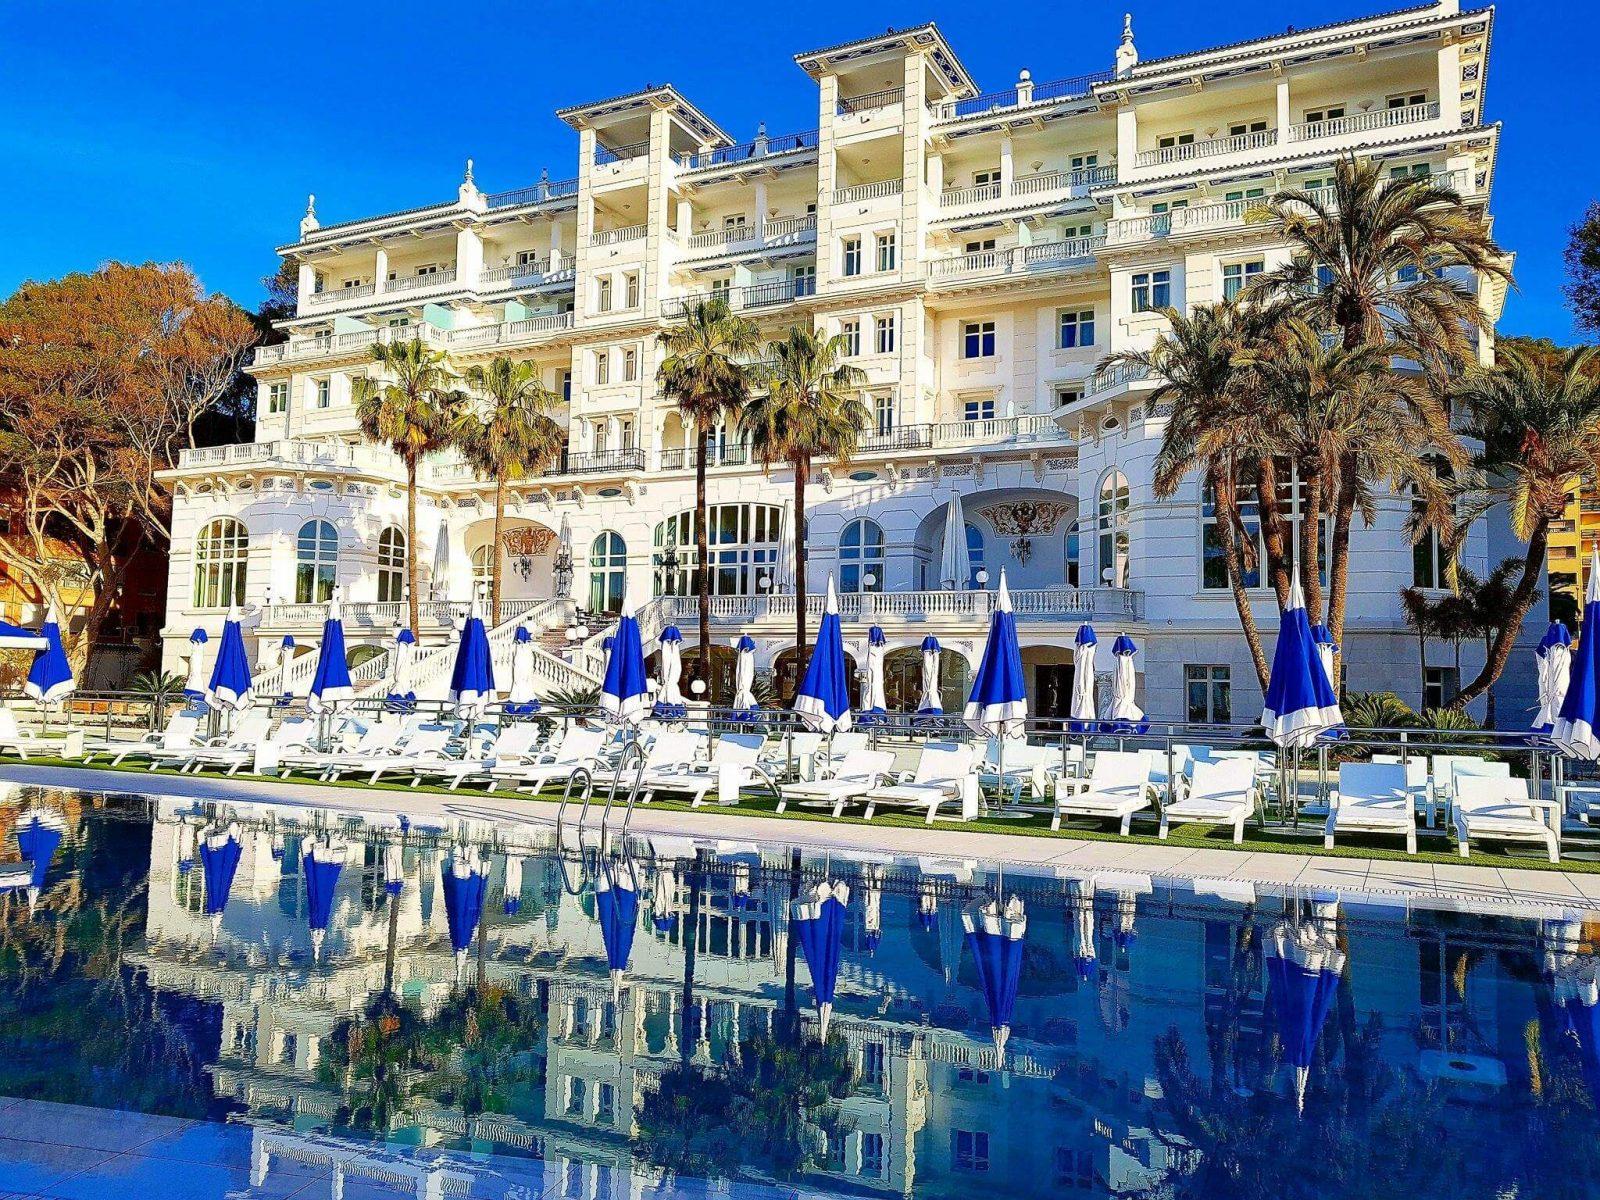 Piscinas gran hotel miramar m laga hidroingenia for Piscinas cubiertas malaga